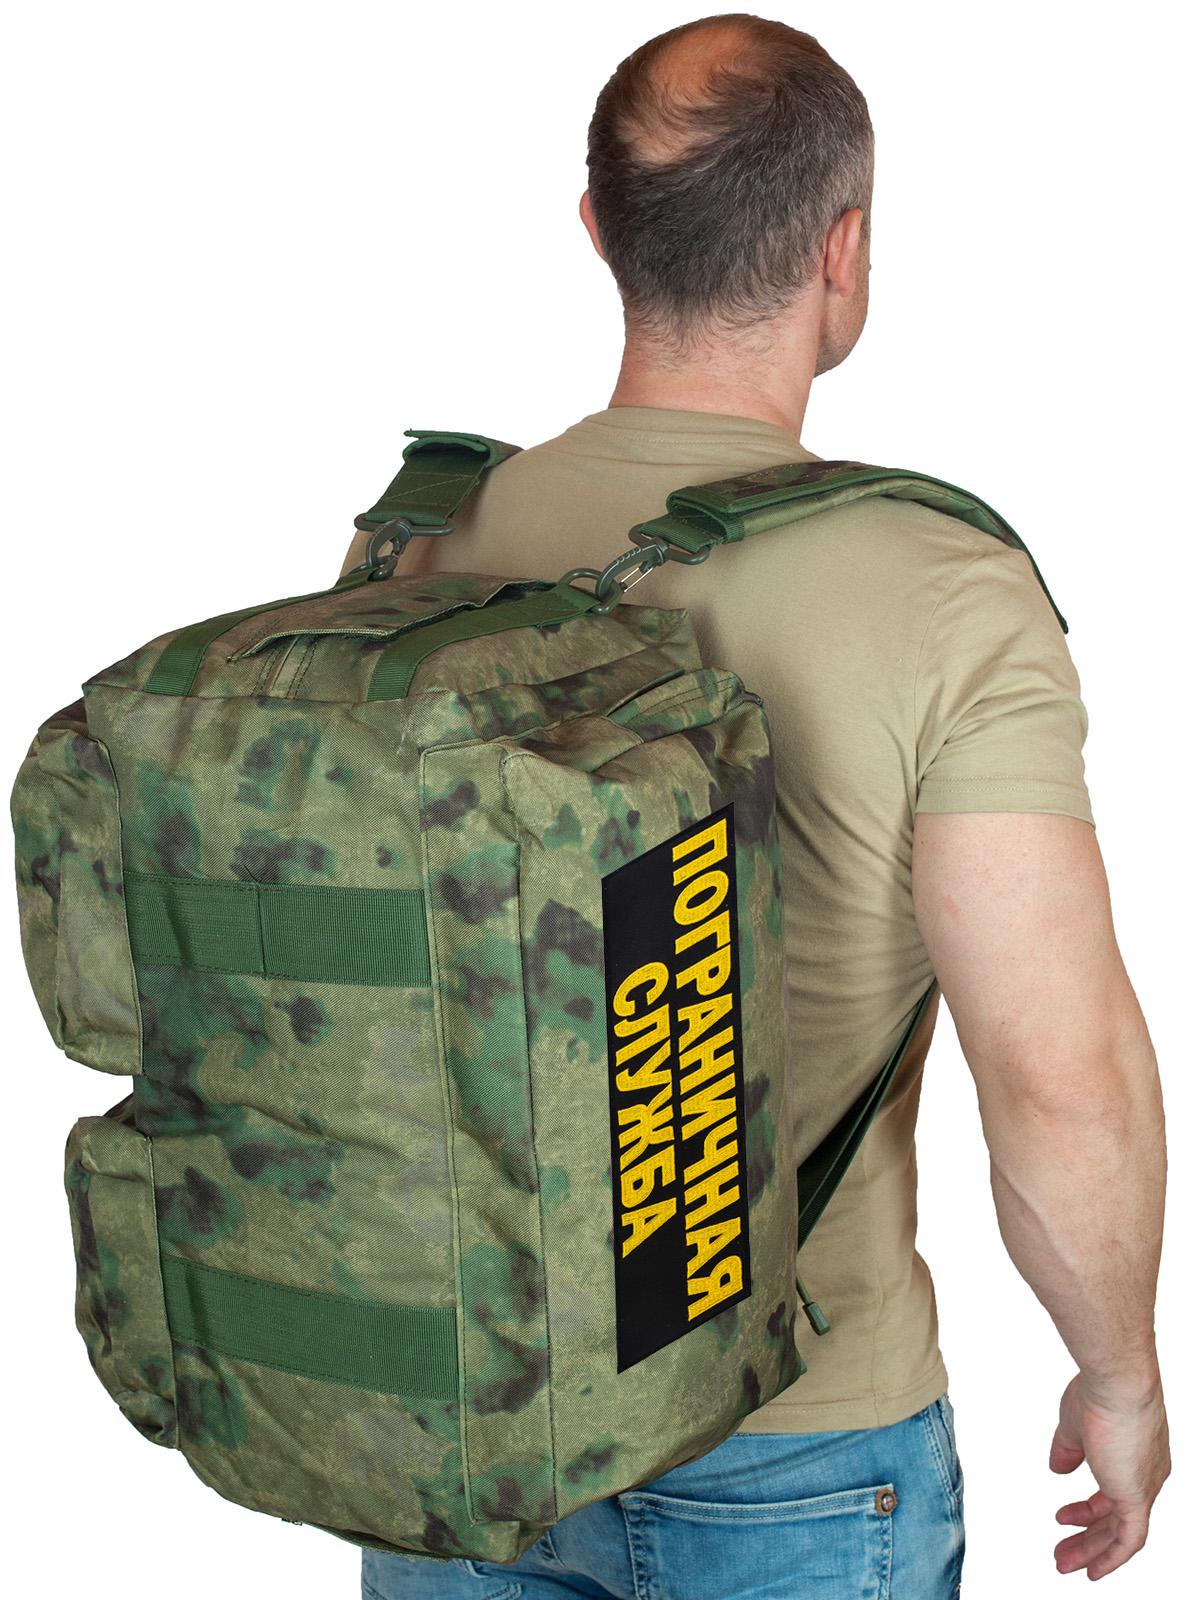 Купить заплечную камуфляжную сумку-баул ПС по выгодной цене